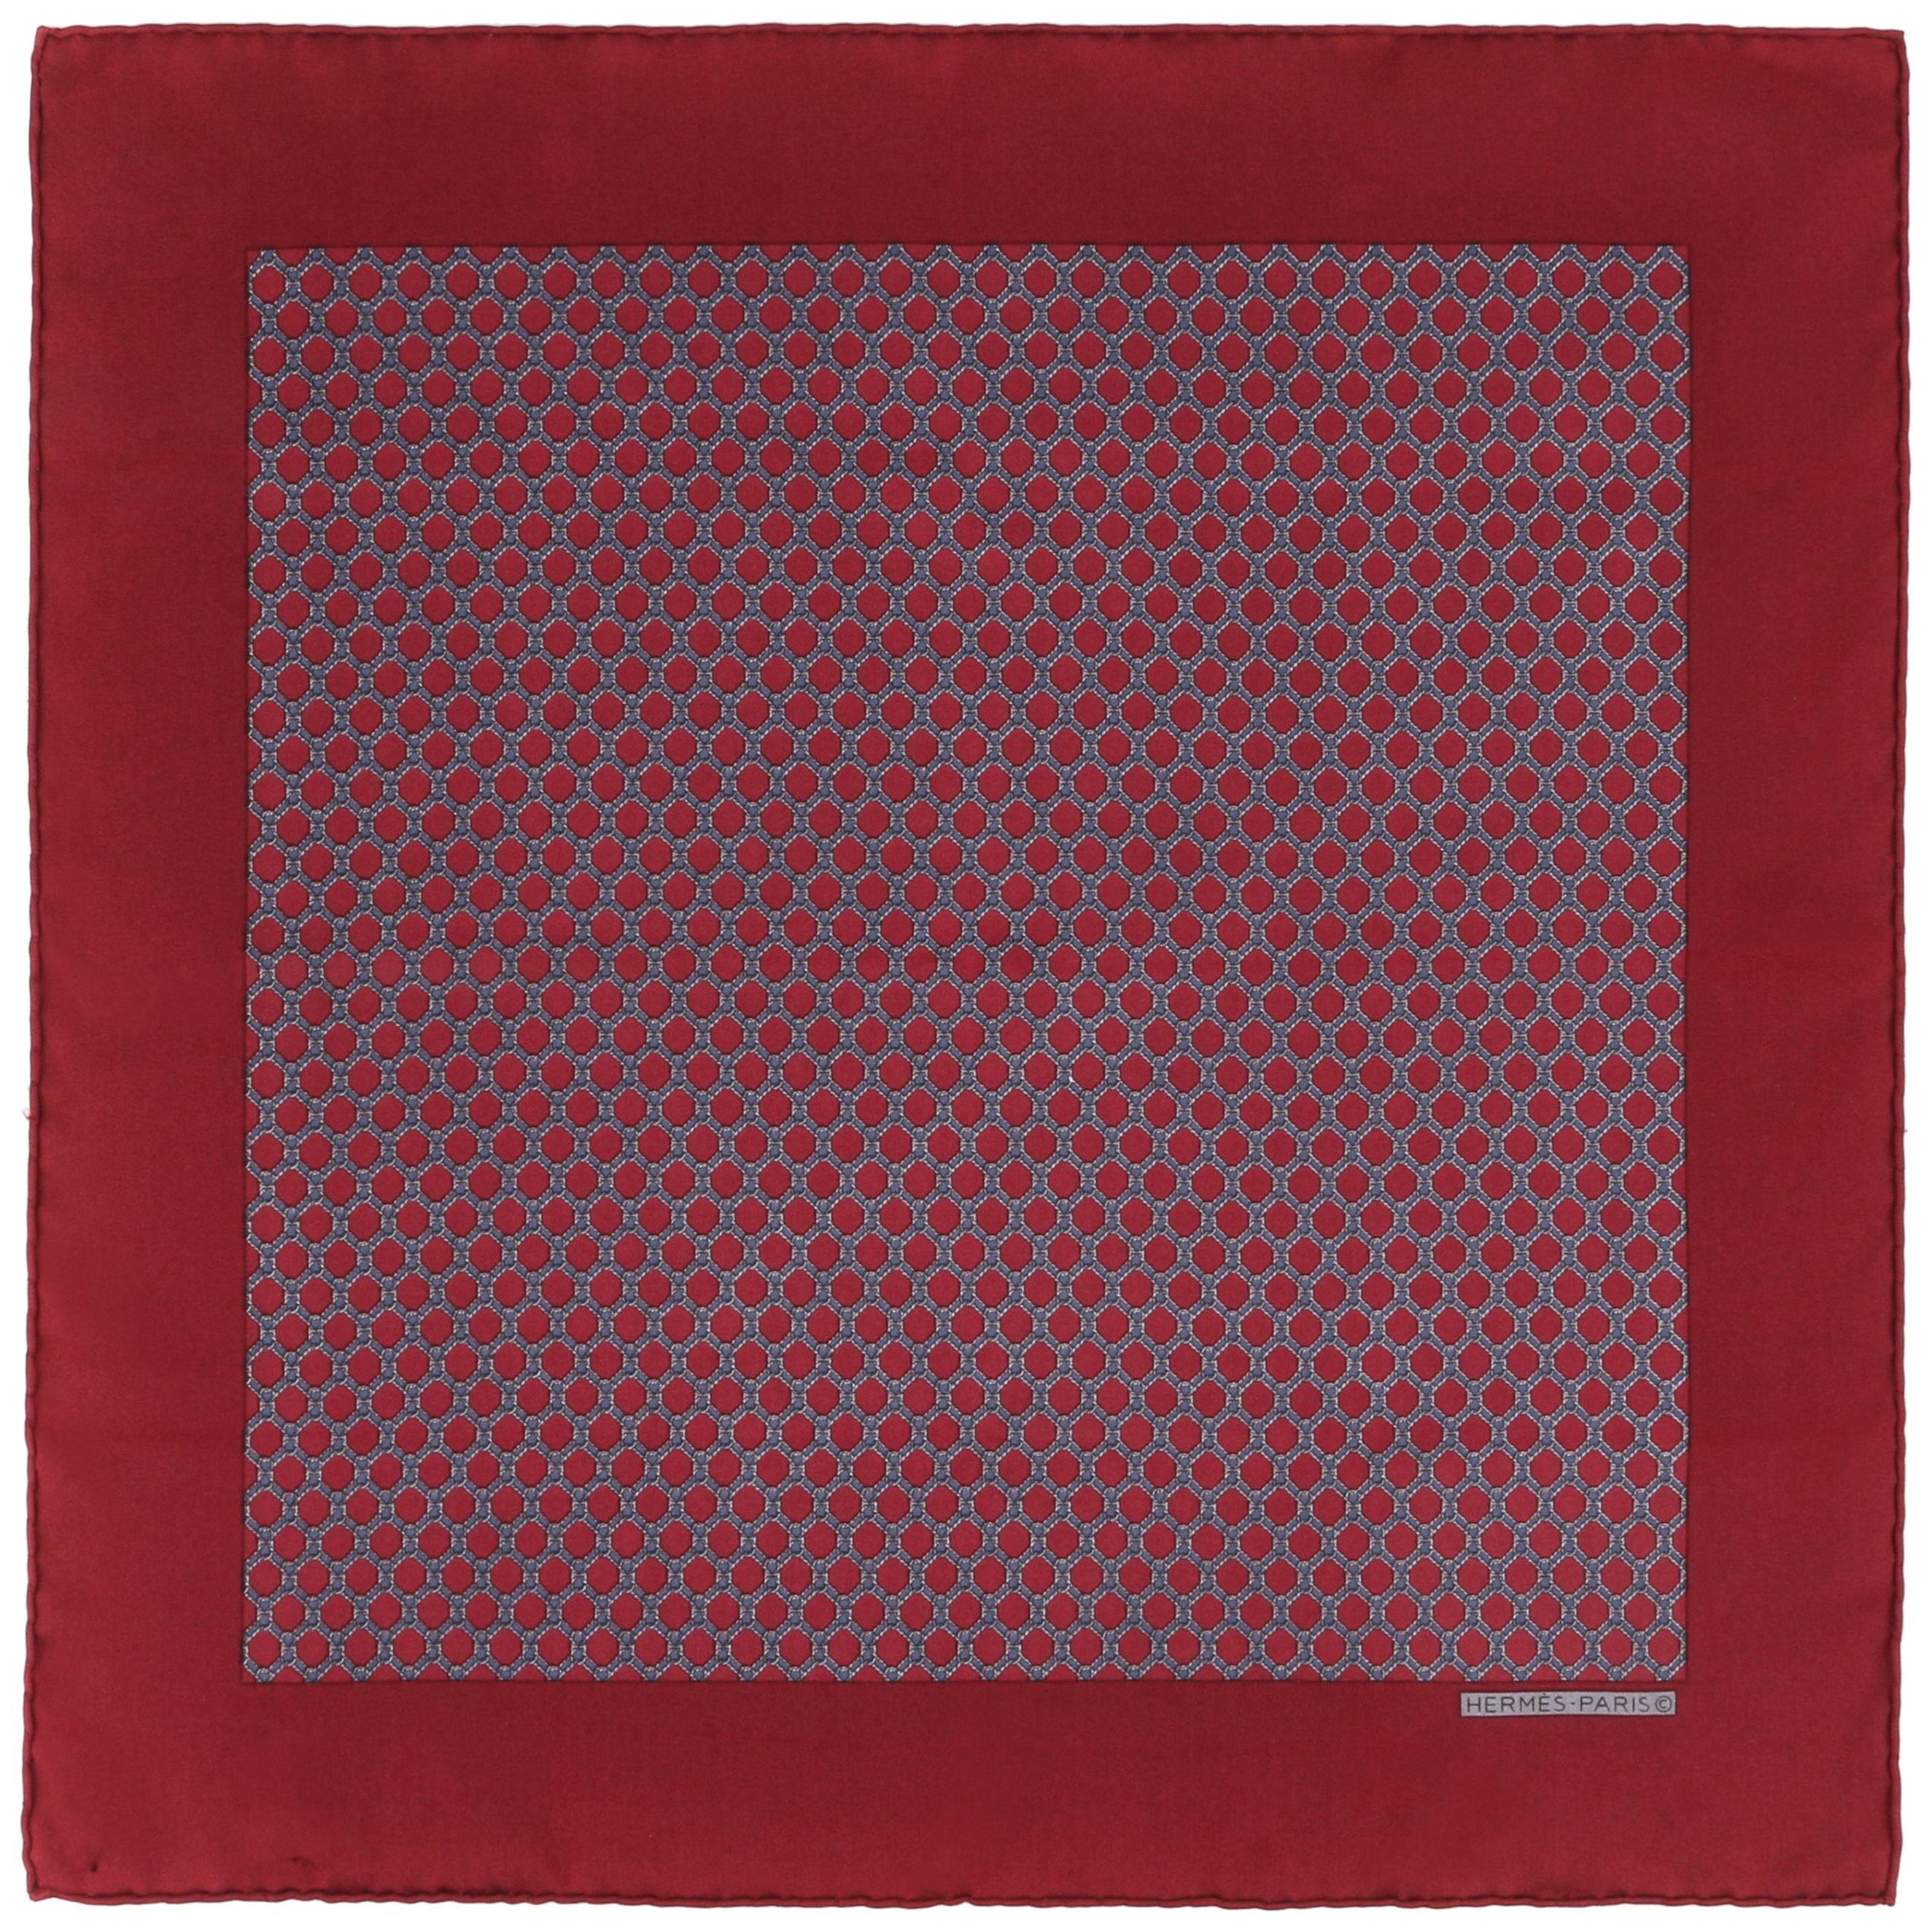 HERMES Burgundy Red Equestrian Belt Print Silk Scarf / Pocket Square